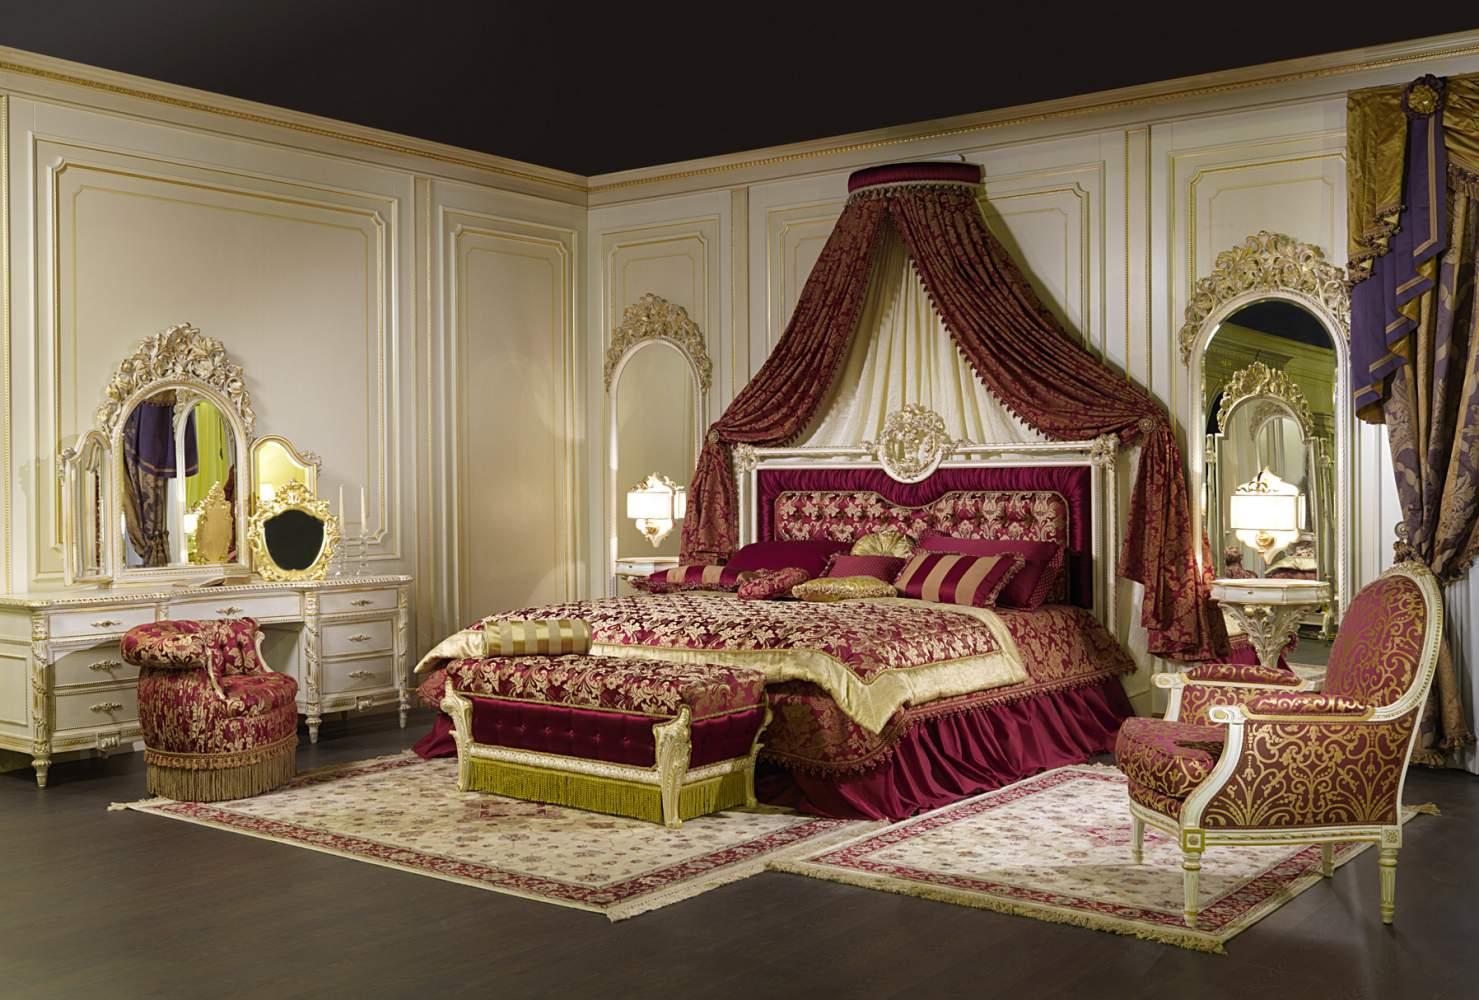 Camera da letto di lusso con baldacchino a muro vimercati meda - Camera da letto roma ...